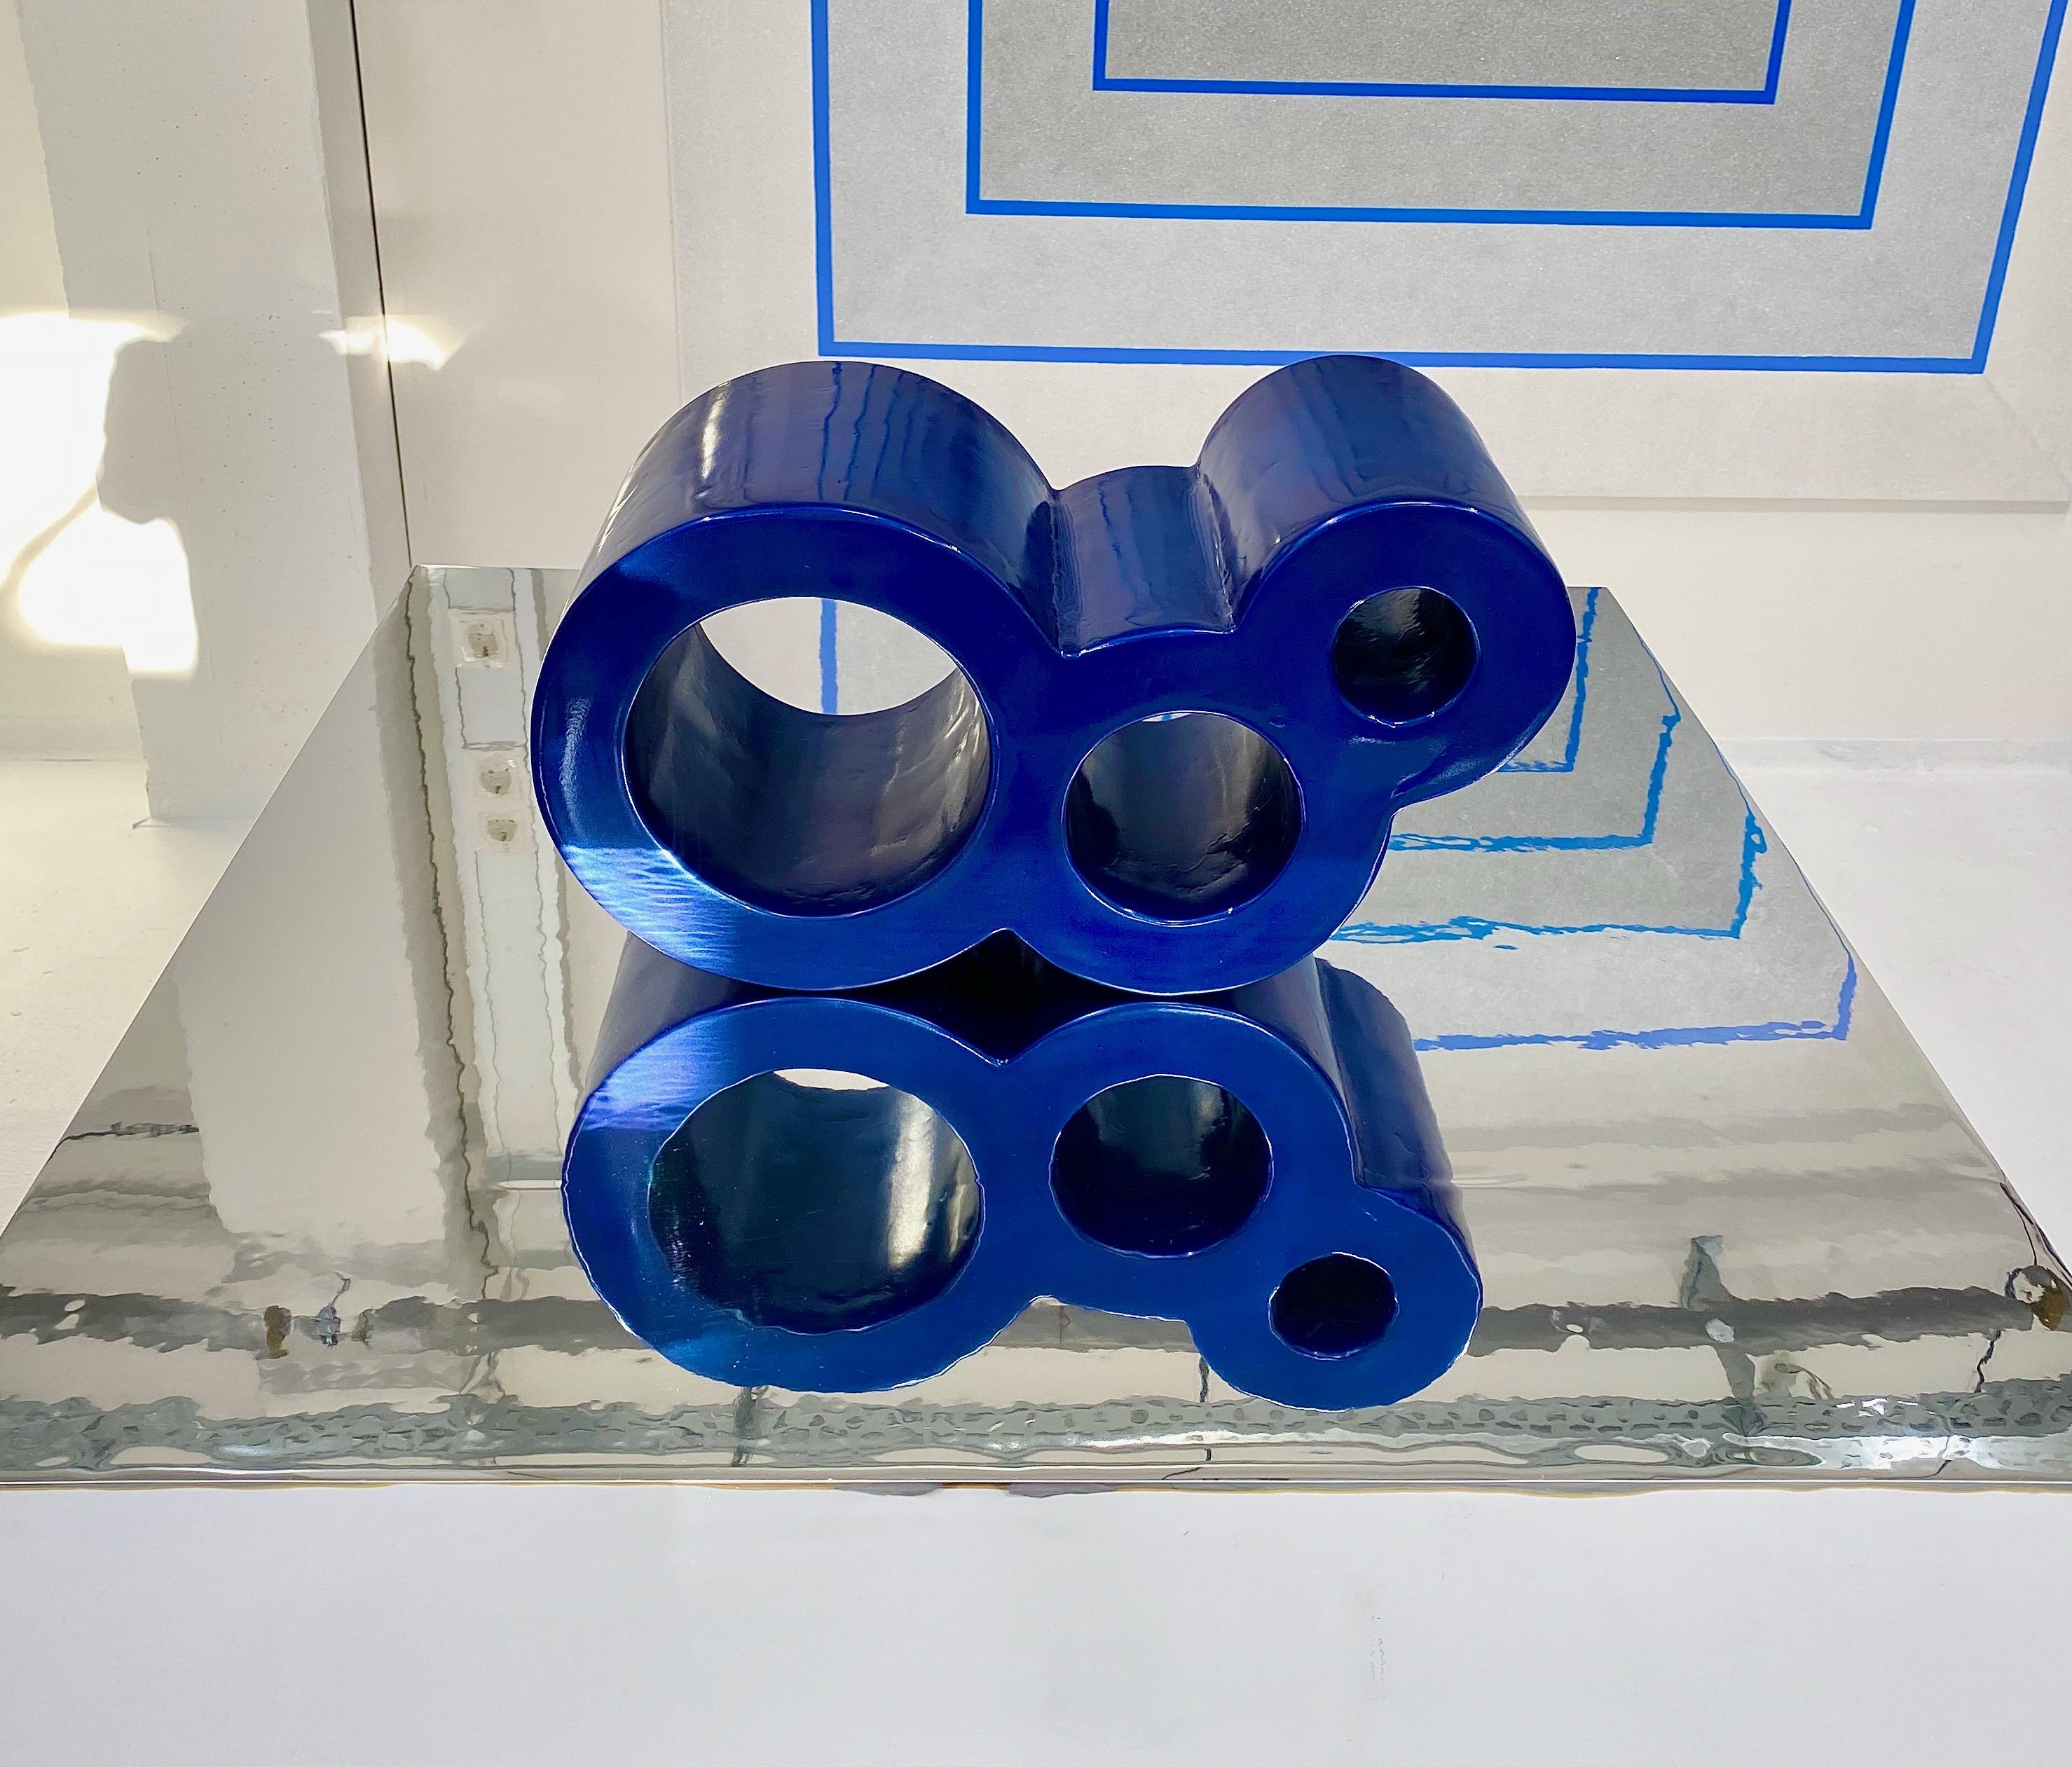 ENDLESS 03 Sculpture 48 x 26 x 21 cm  Composite Carbon Epoxy resin Car paint metallic